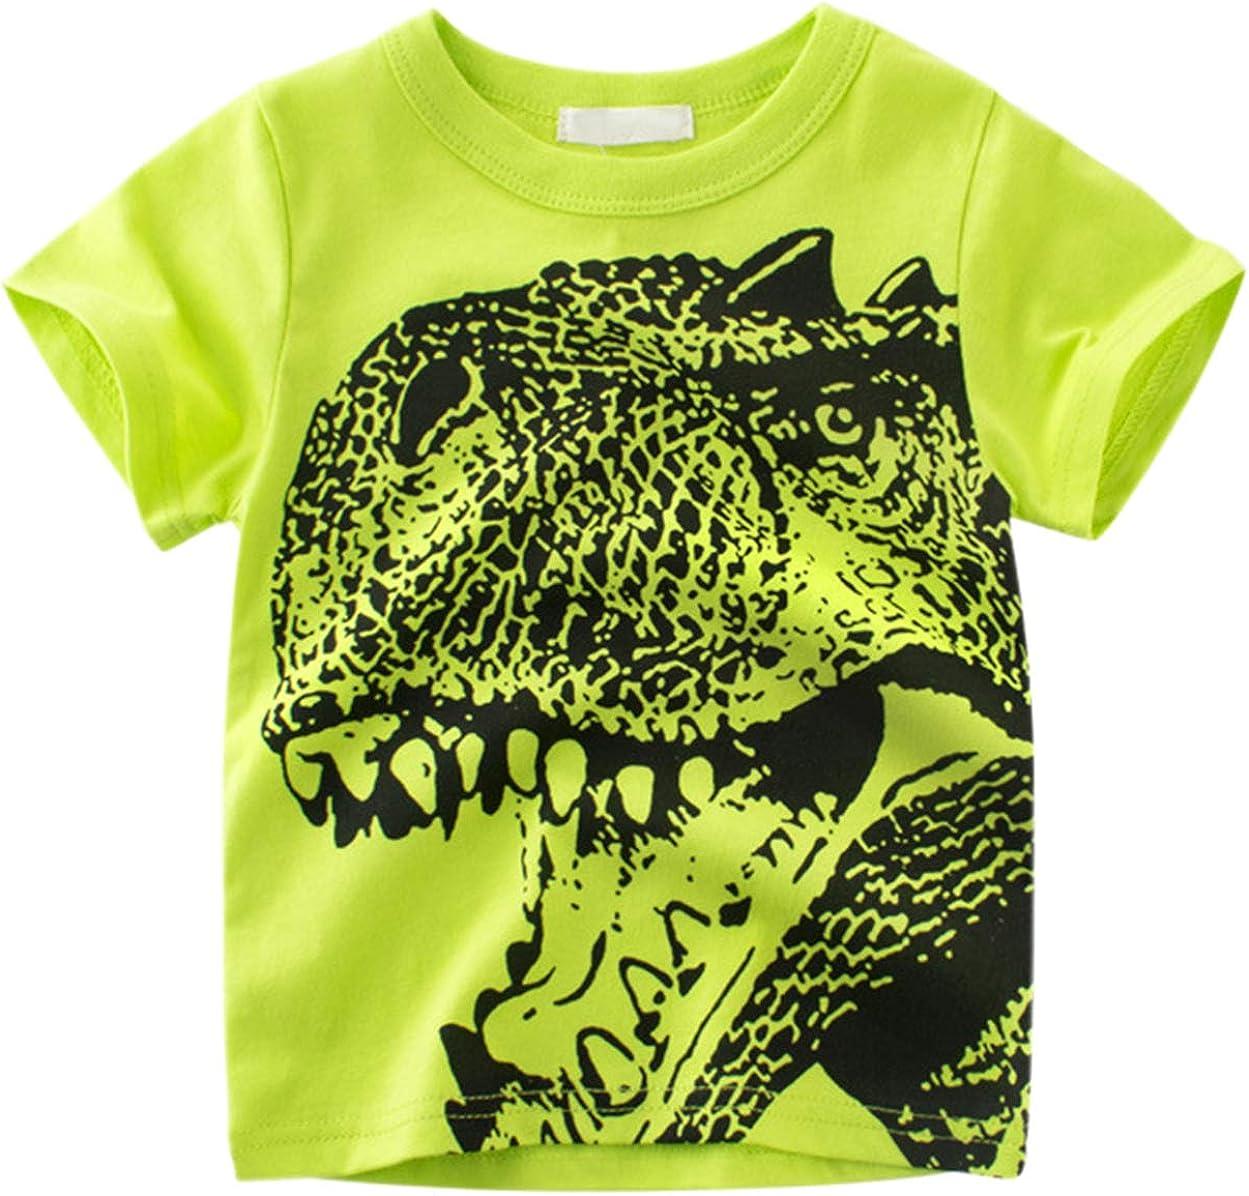 Betusline Kids Boys Short Sleeve T-Shirts Dinosaur Print Tee